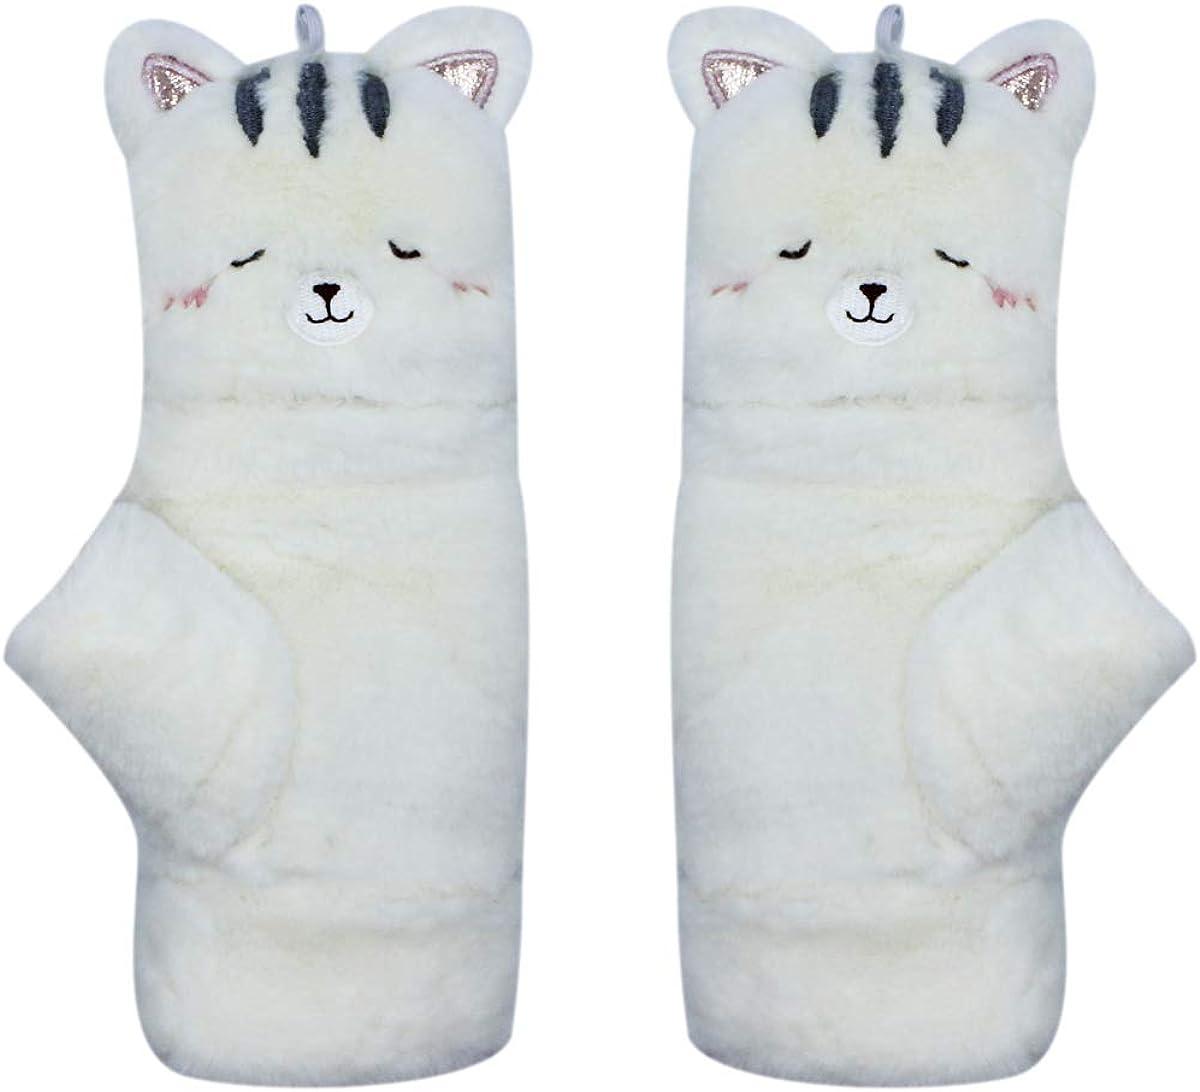 Women Girls Soft Faux Fur Convertible Flip Top Gloves Cute Cat Rabbit Fleece Lined Thermal Mittens